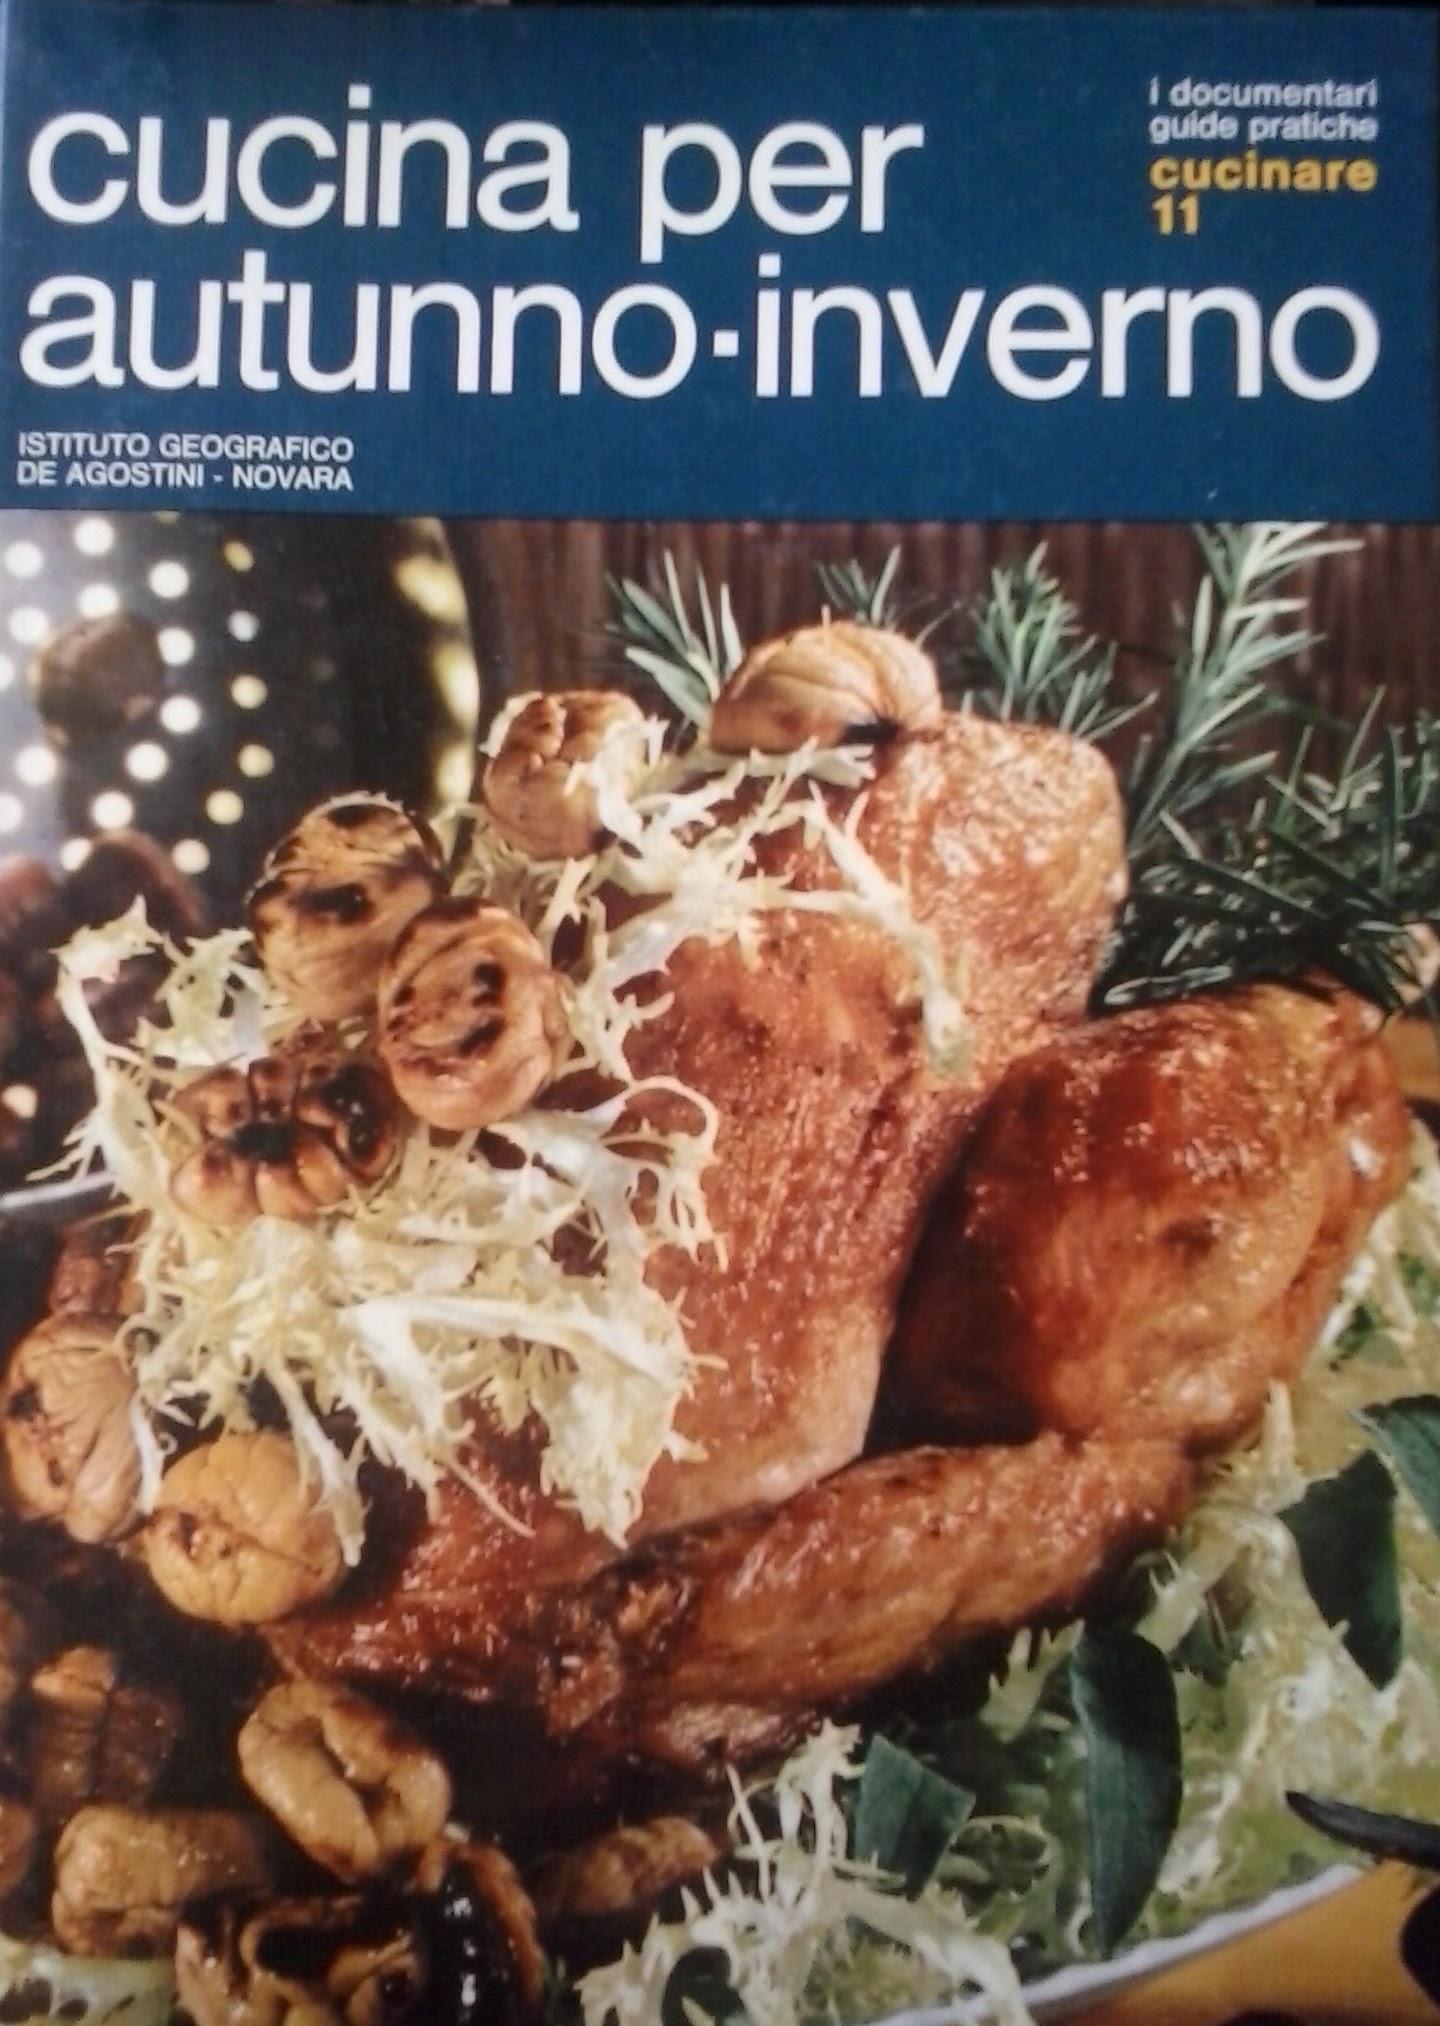 Cucina per autunno-inverno